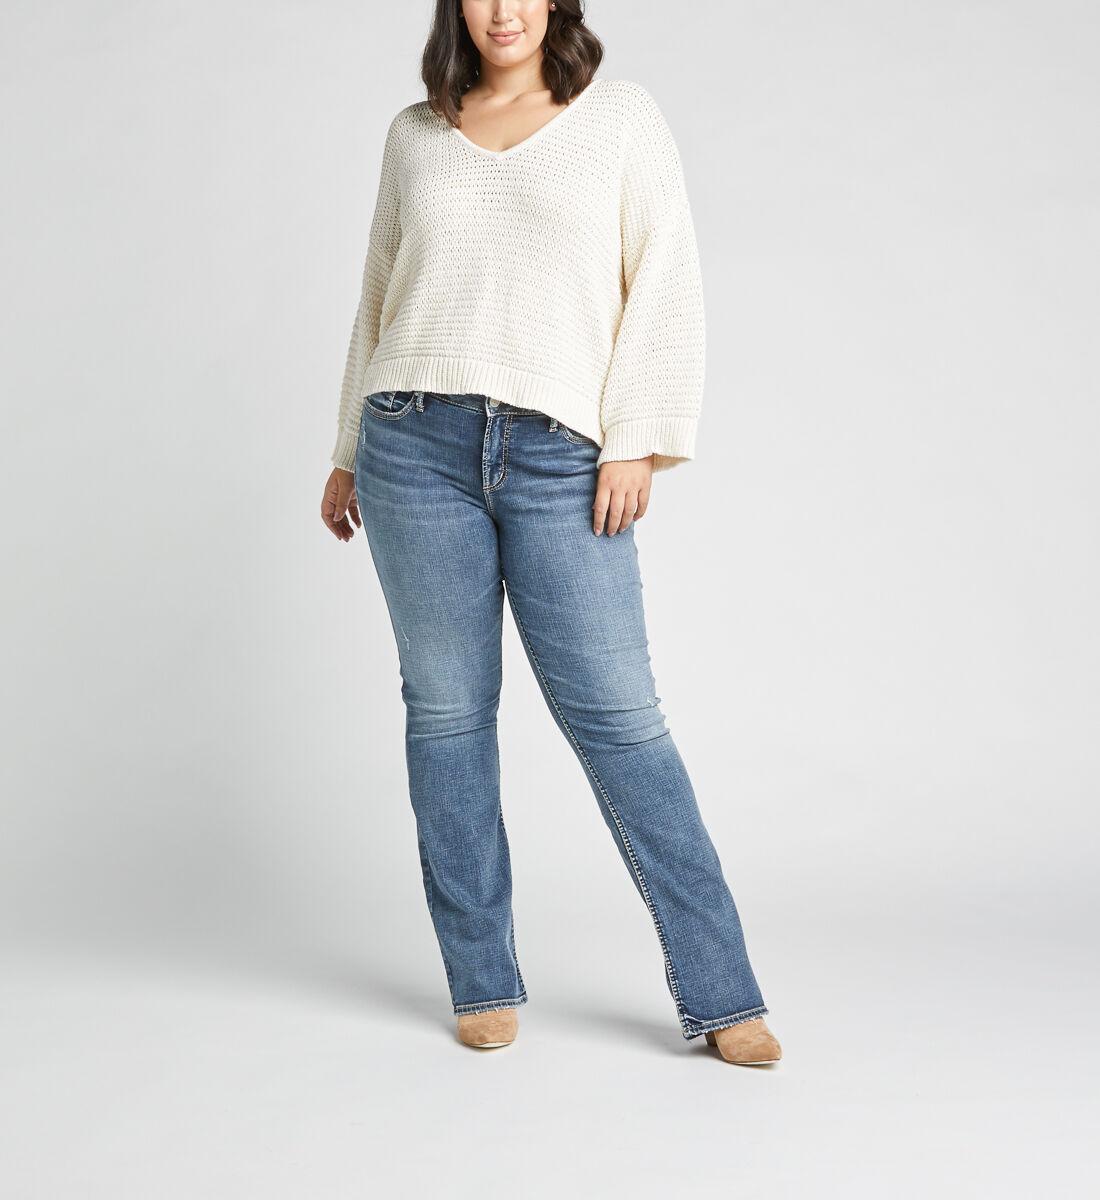 Elyse Mid Rise Slim Bootcut Plus Size Jeans Alt Image 1